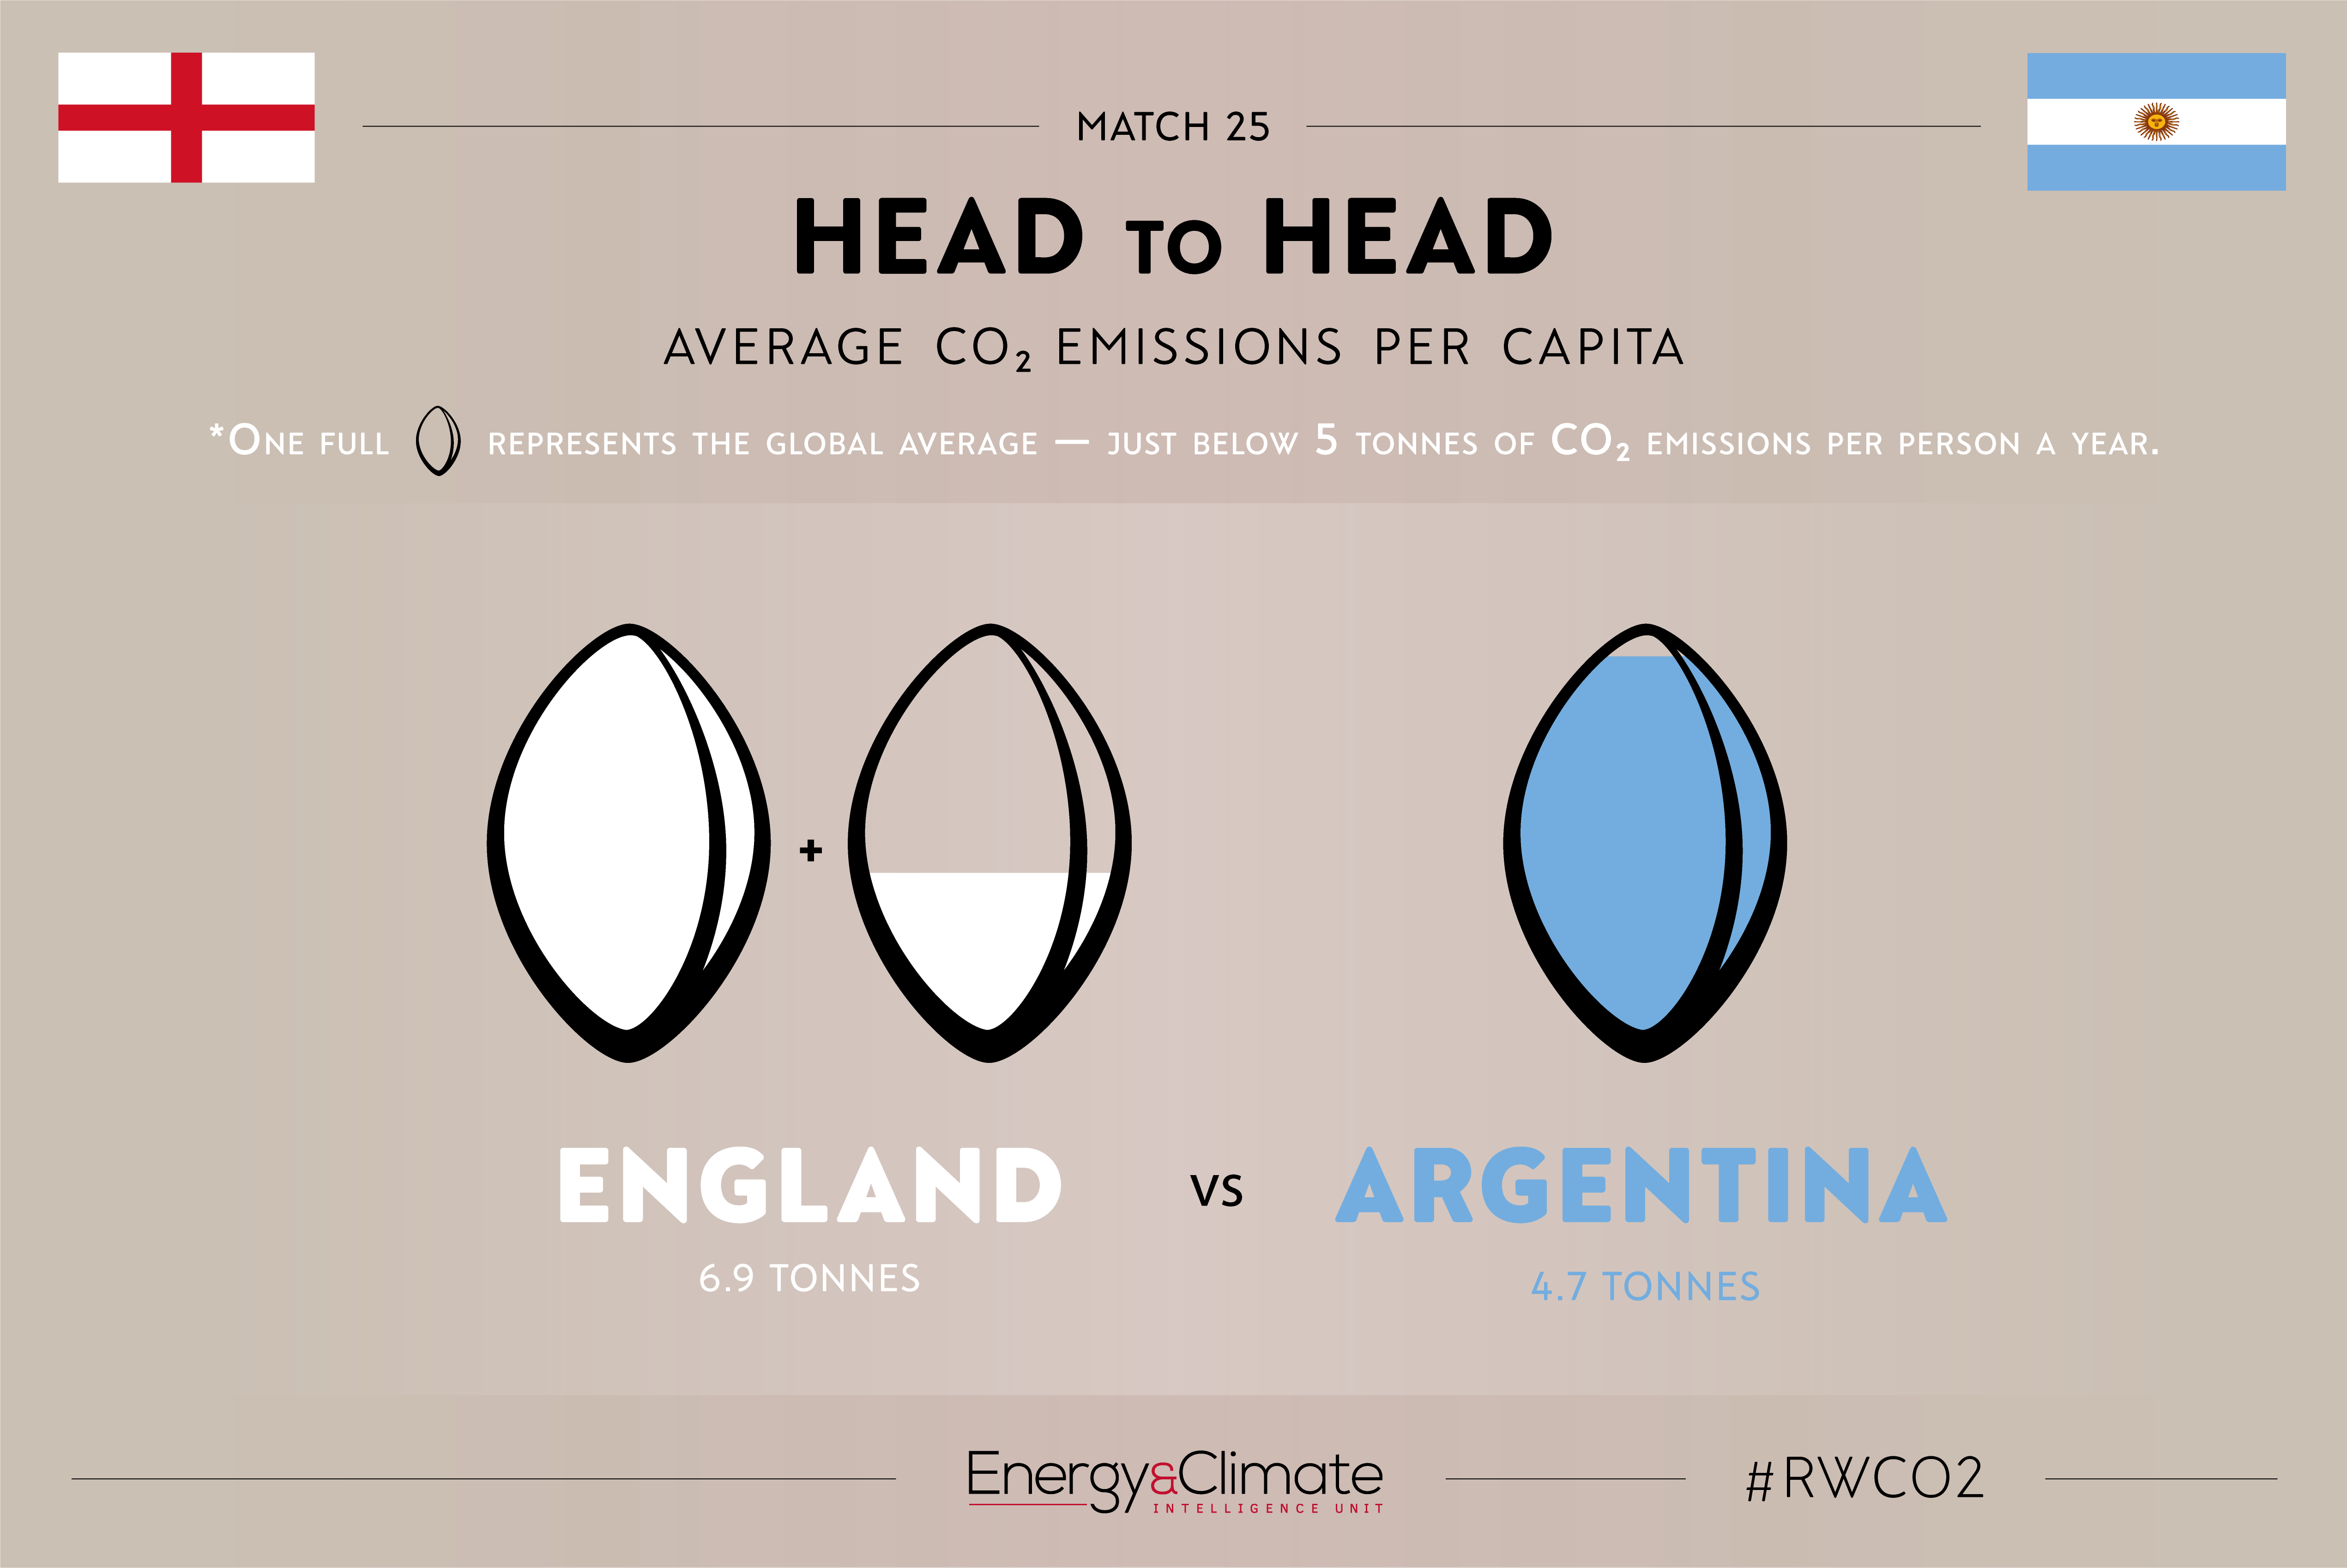 England v Argentina per capita emissions